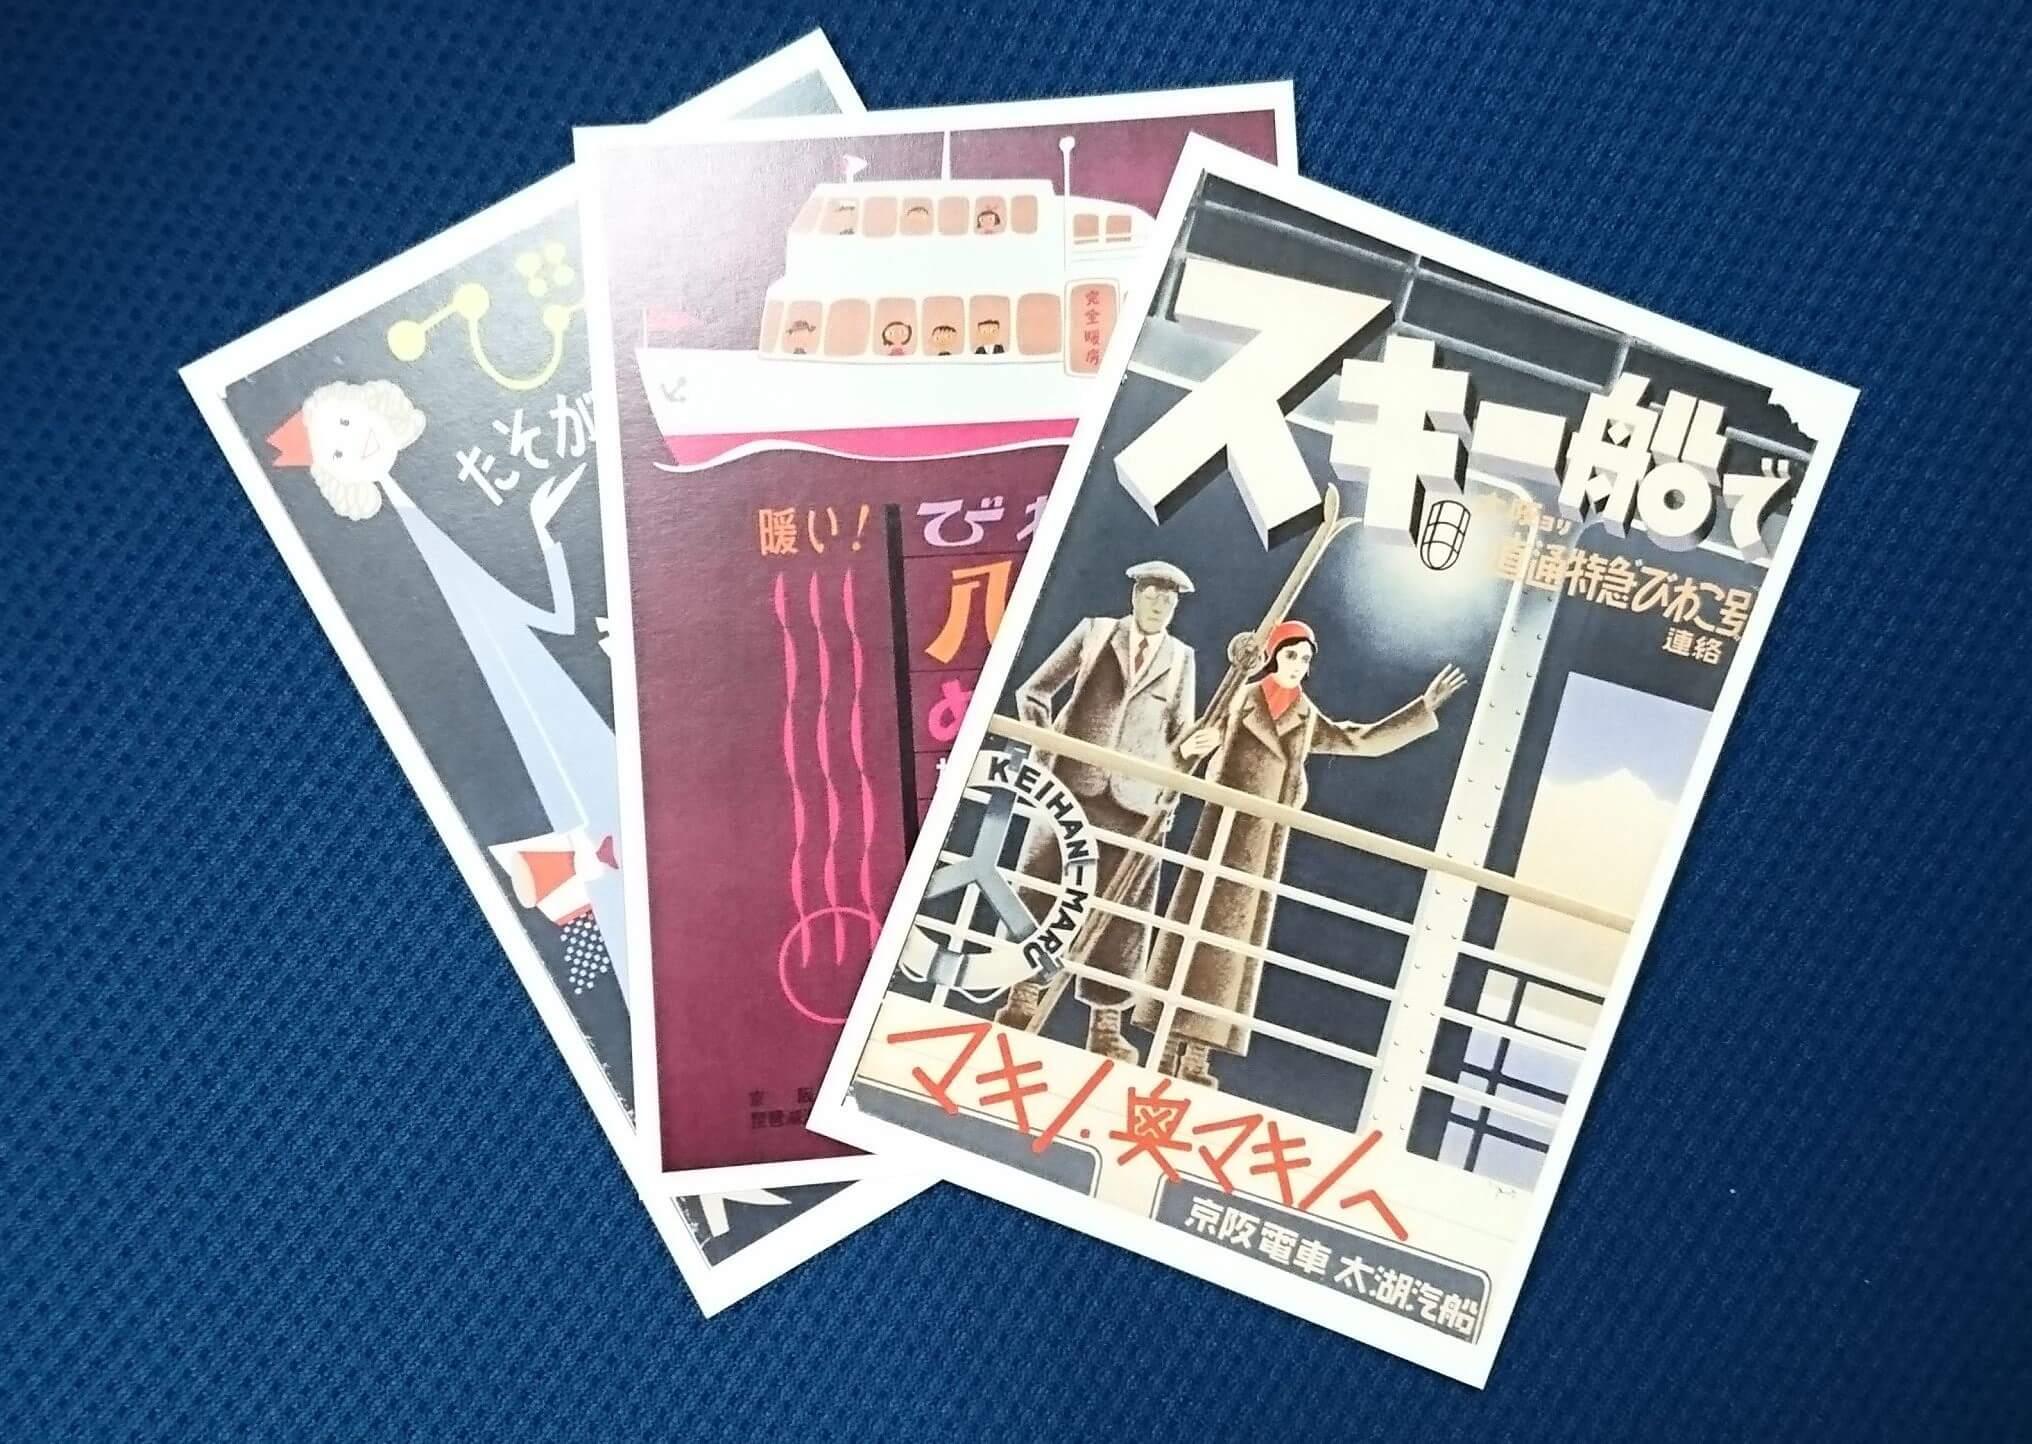 冬のびわ湖をおトクに楽しむ! 京阪電車×びわ湖 冬のキャンペーン